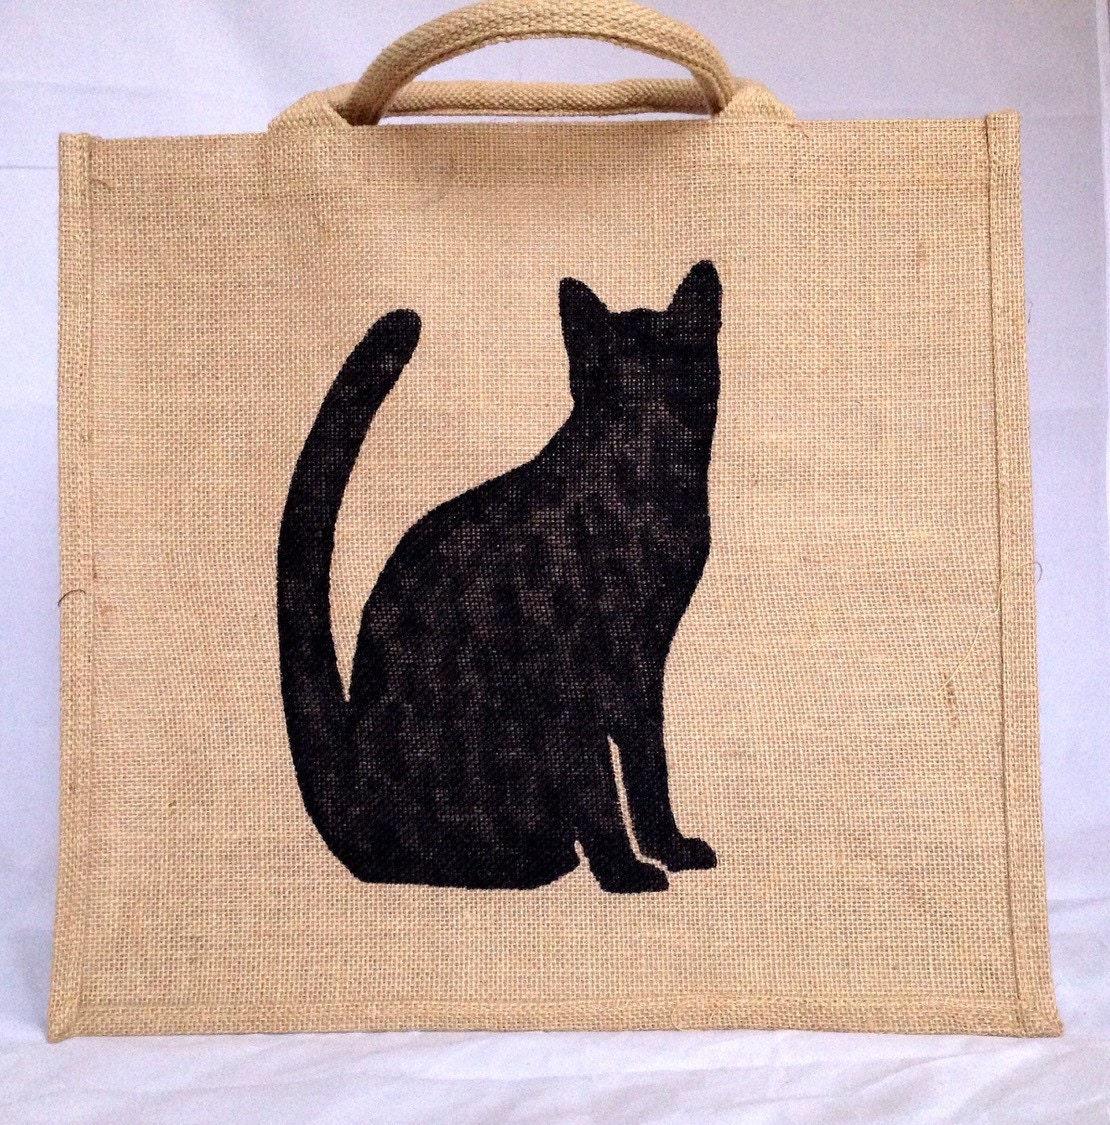 Large cat jute bag hand painted burlap gift bag hessian tote bag shopping carrier bag  black